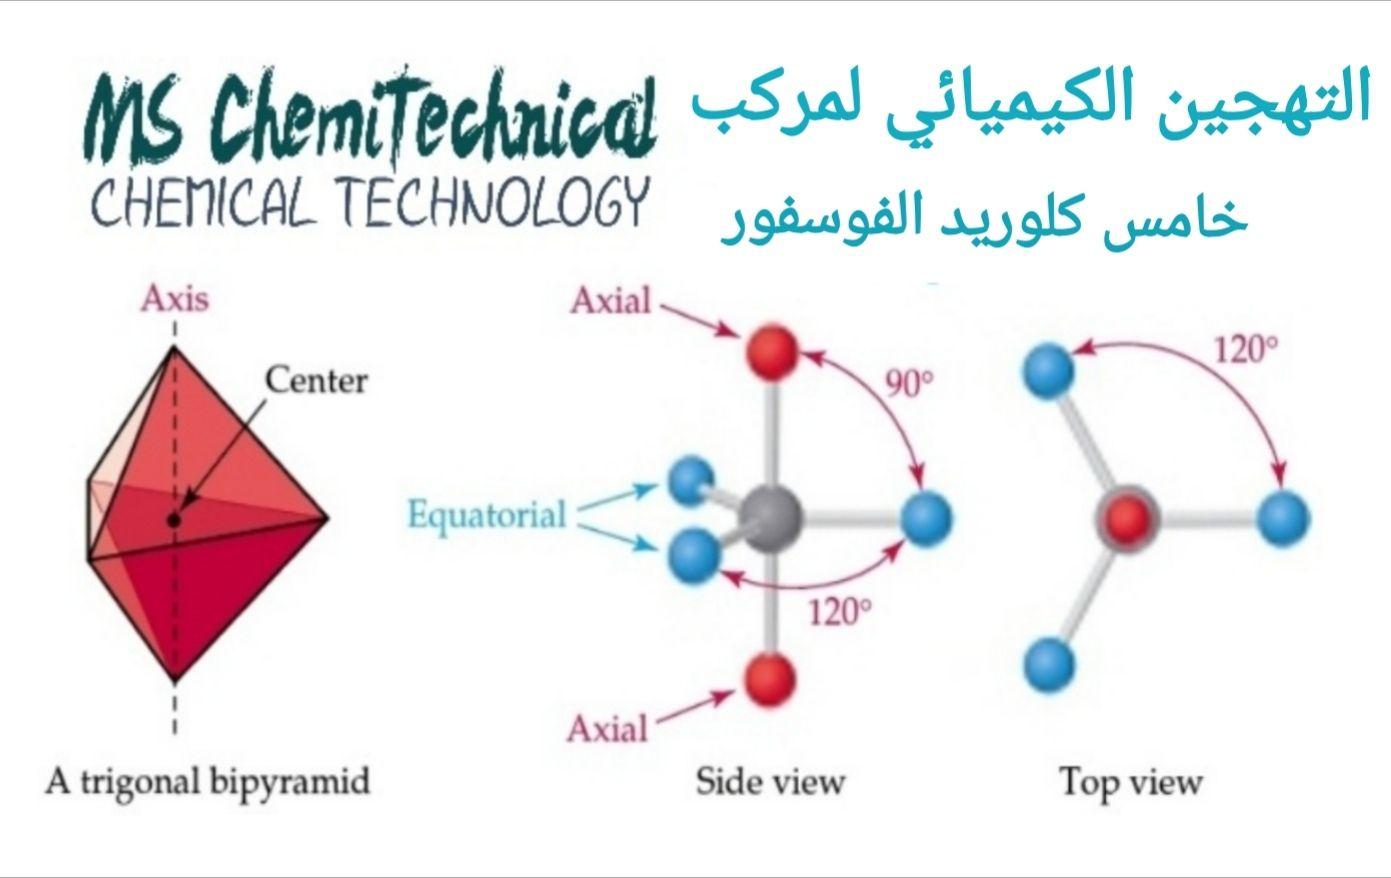 التهجين الكيميائي لمركب خماسي كلوريد الفوسفور Equatorial Side View Chemical